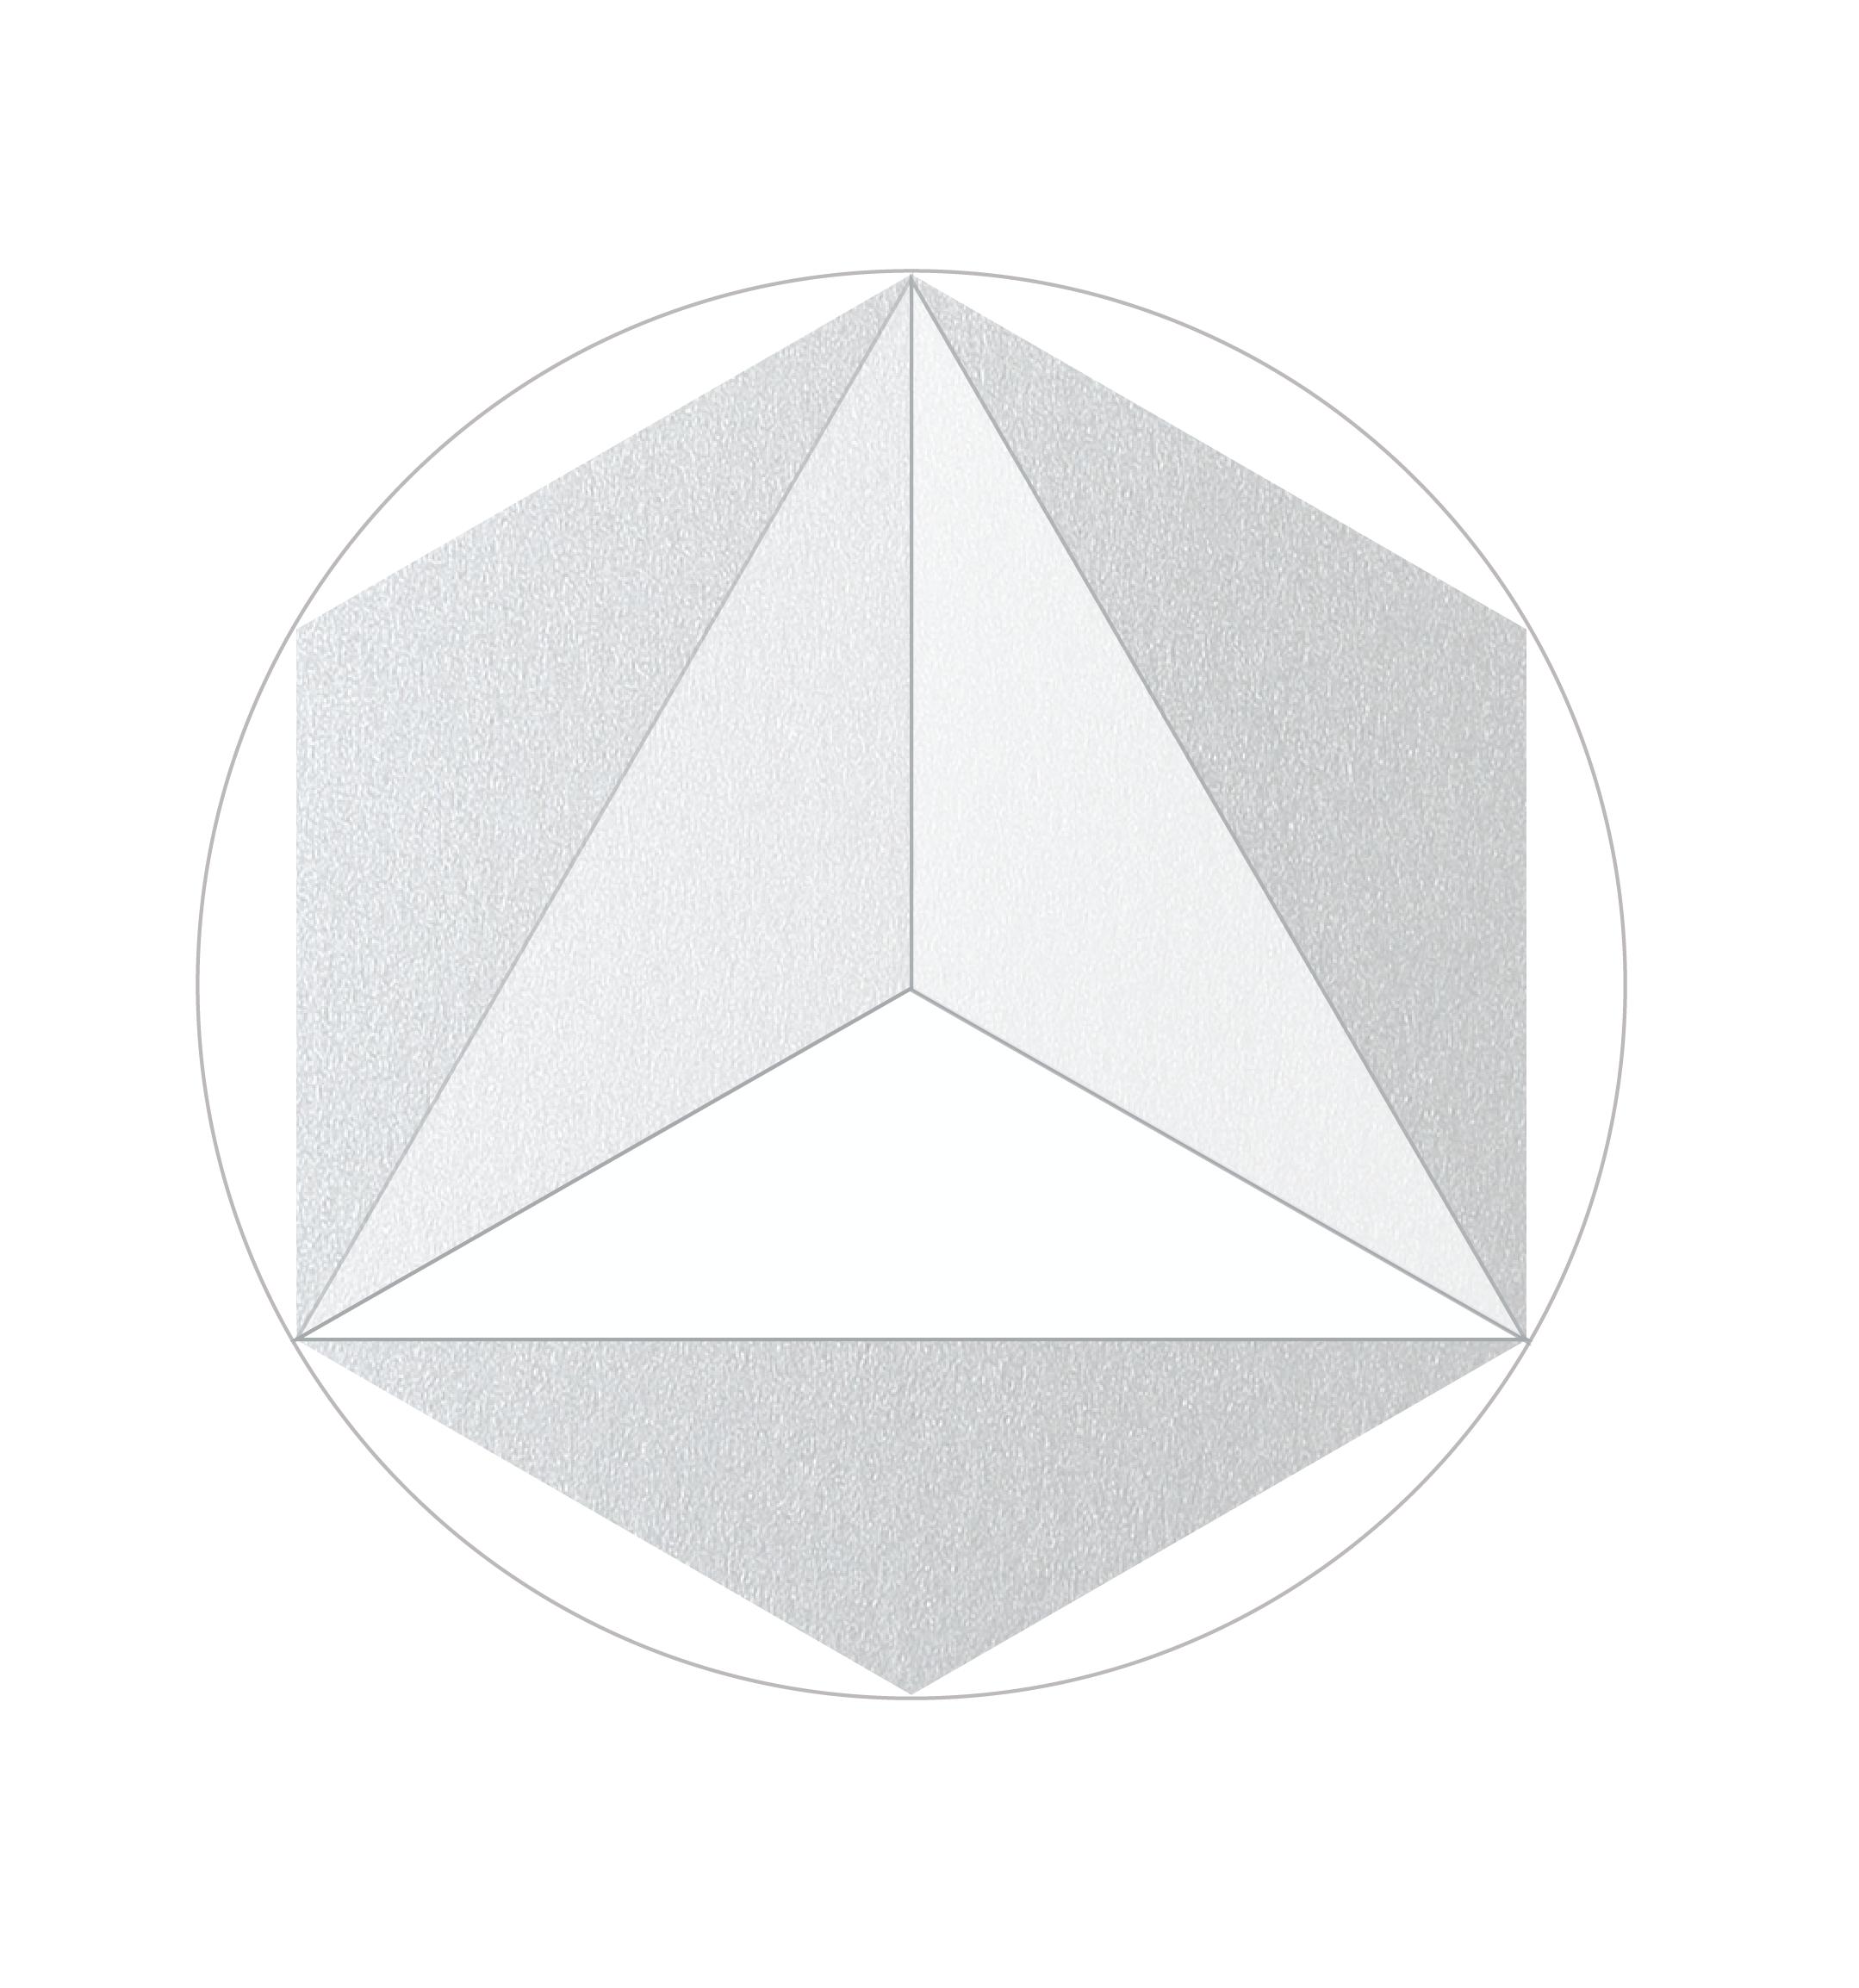 icons_website_meditation-03.png